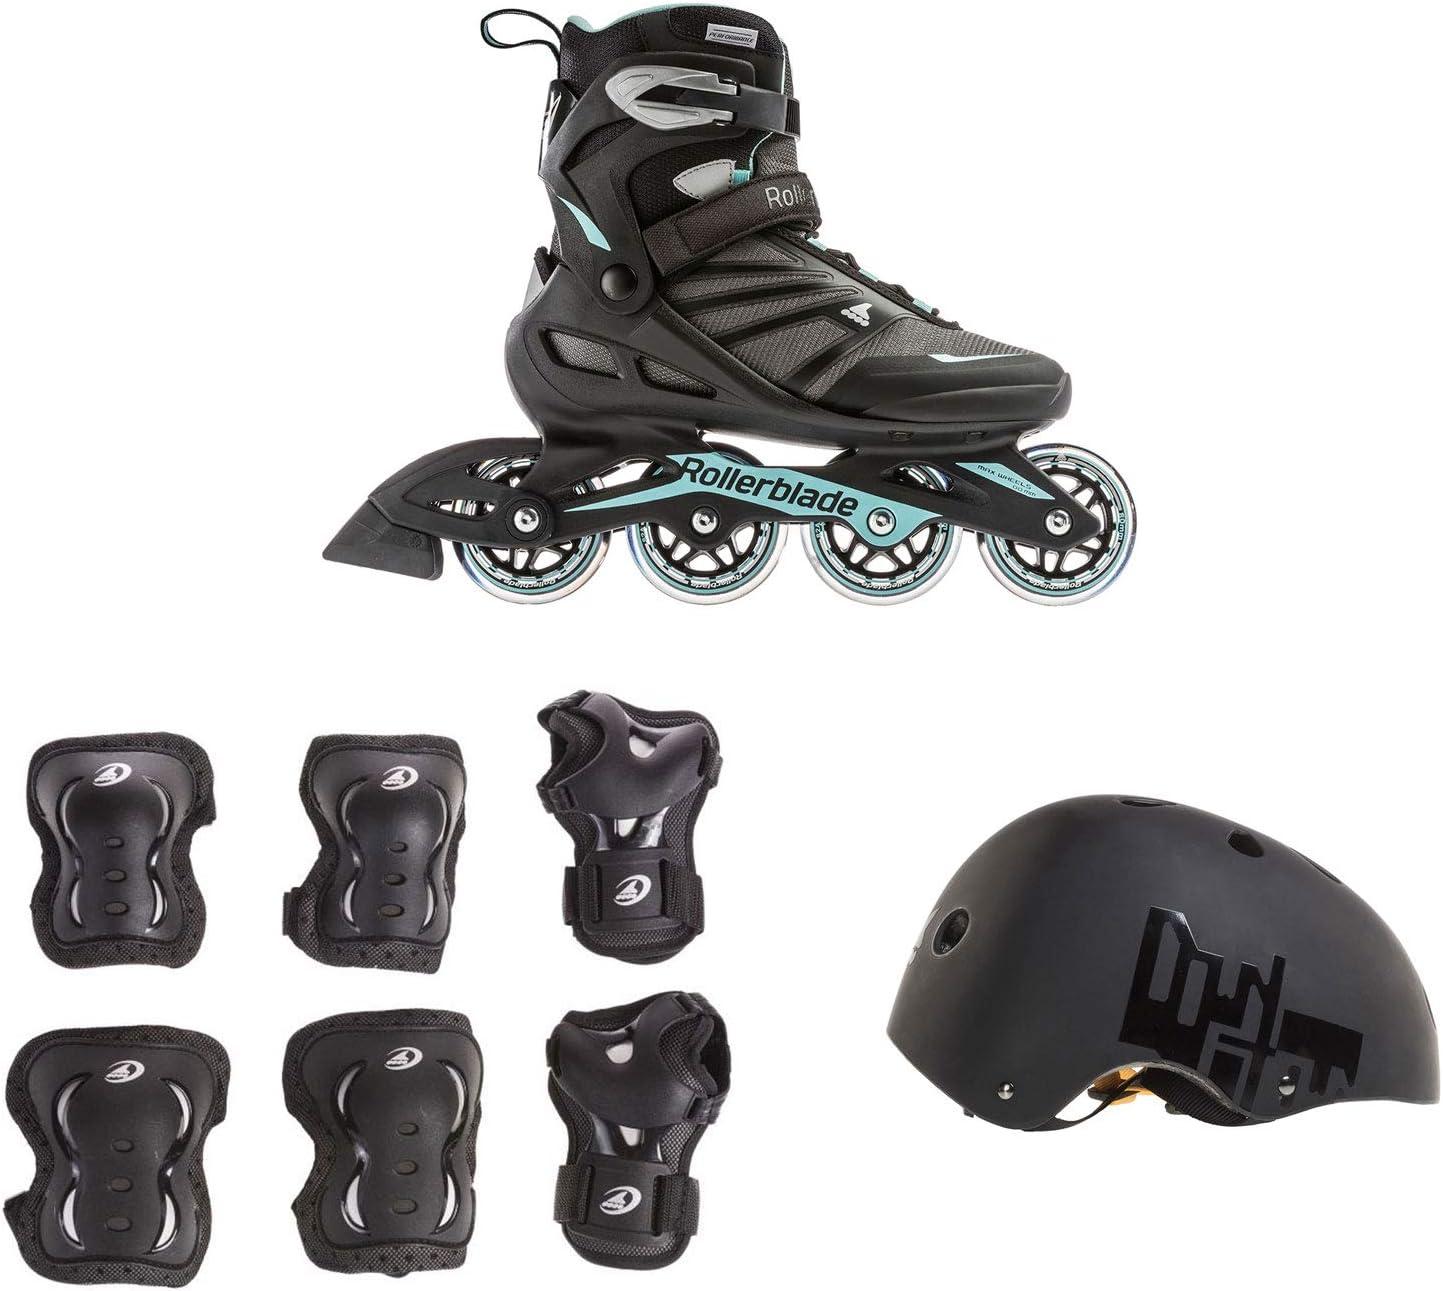 Rollerblade USA レディース サイズ9 ローラーブレード + 保護ギア + スケートヘルメット